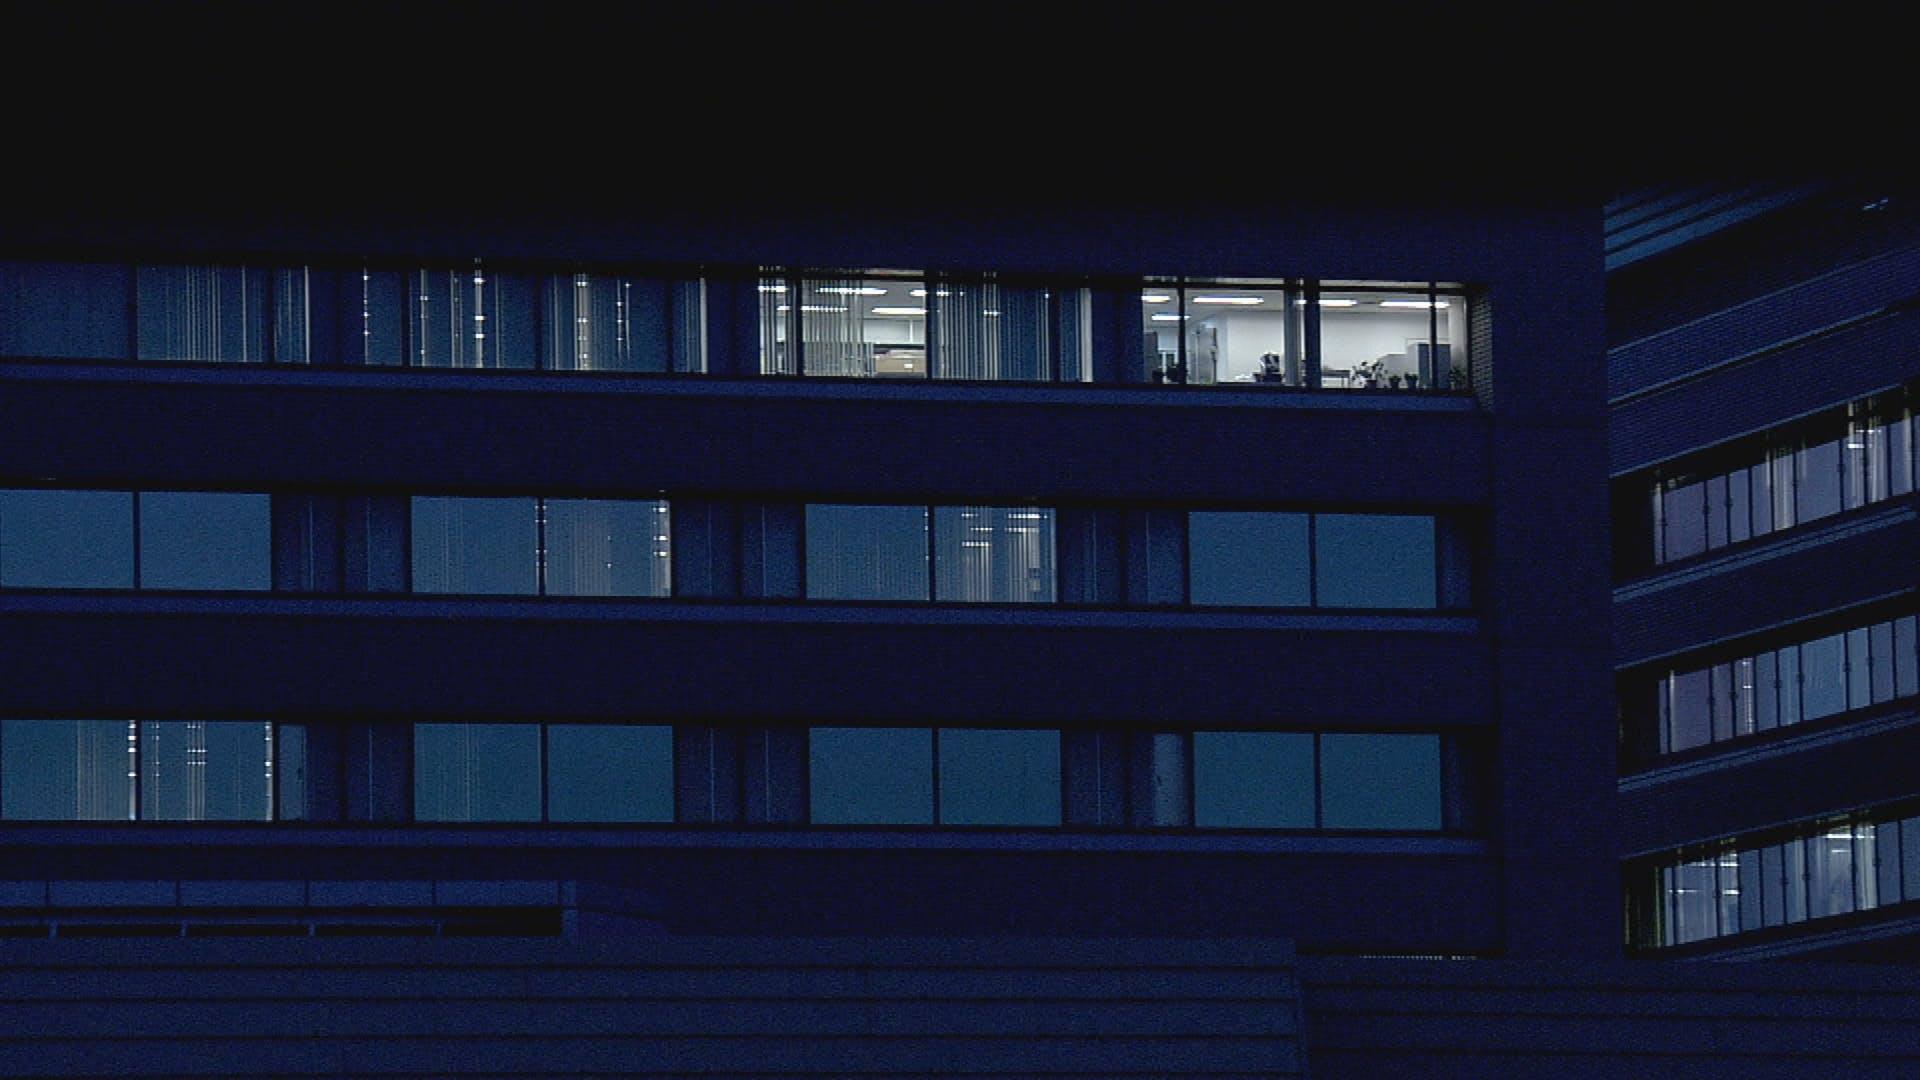 Vista noturna do edifício C1.